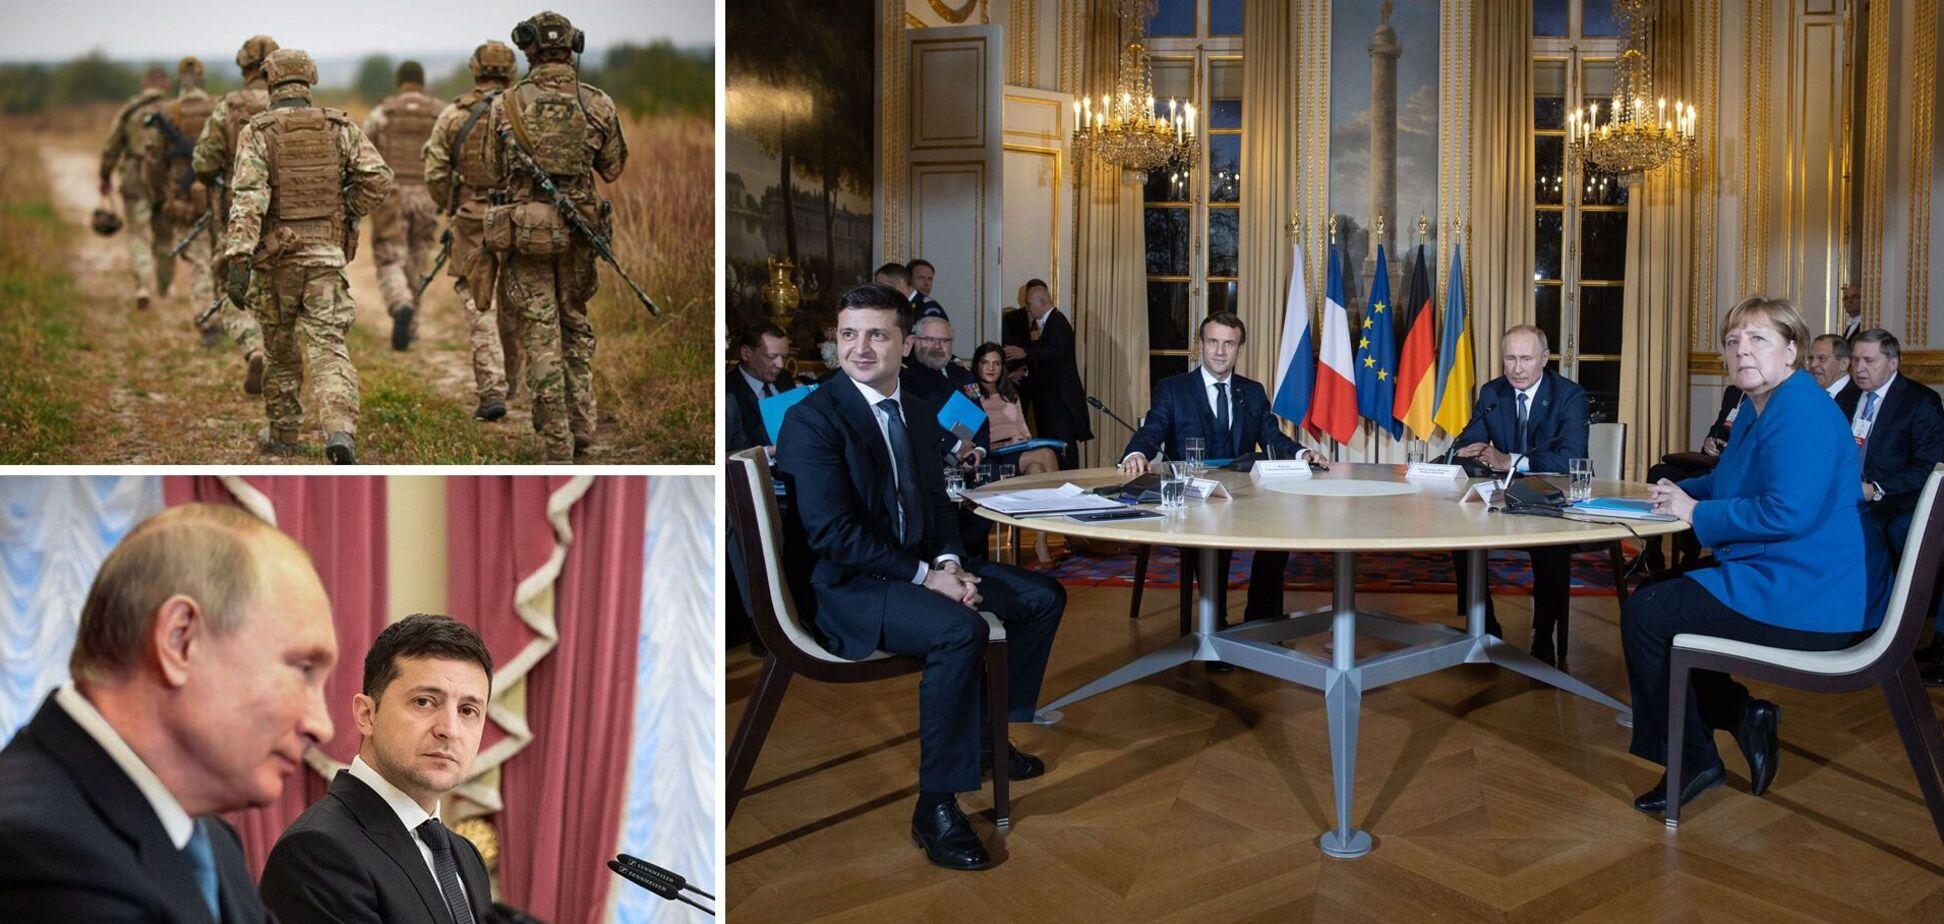 Путин избегает Зеленского? Почему 'золотой мост' на Донбассе не устроил РФ и есть ли шанс 'прорыва'